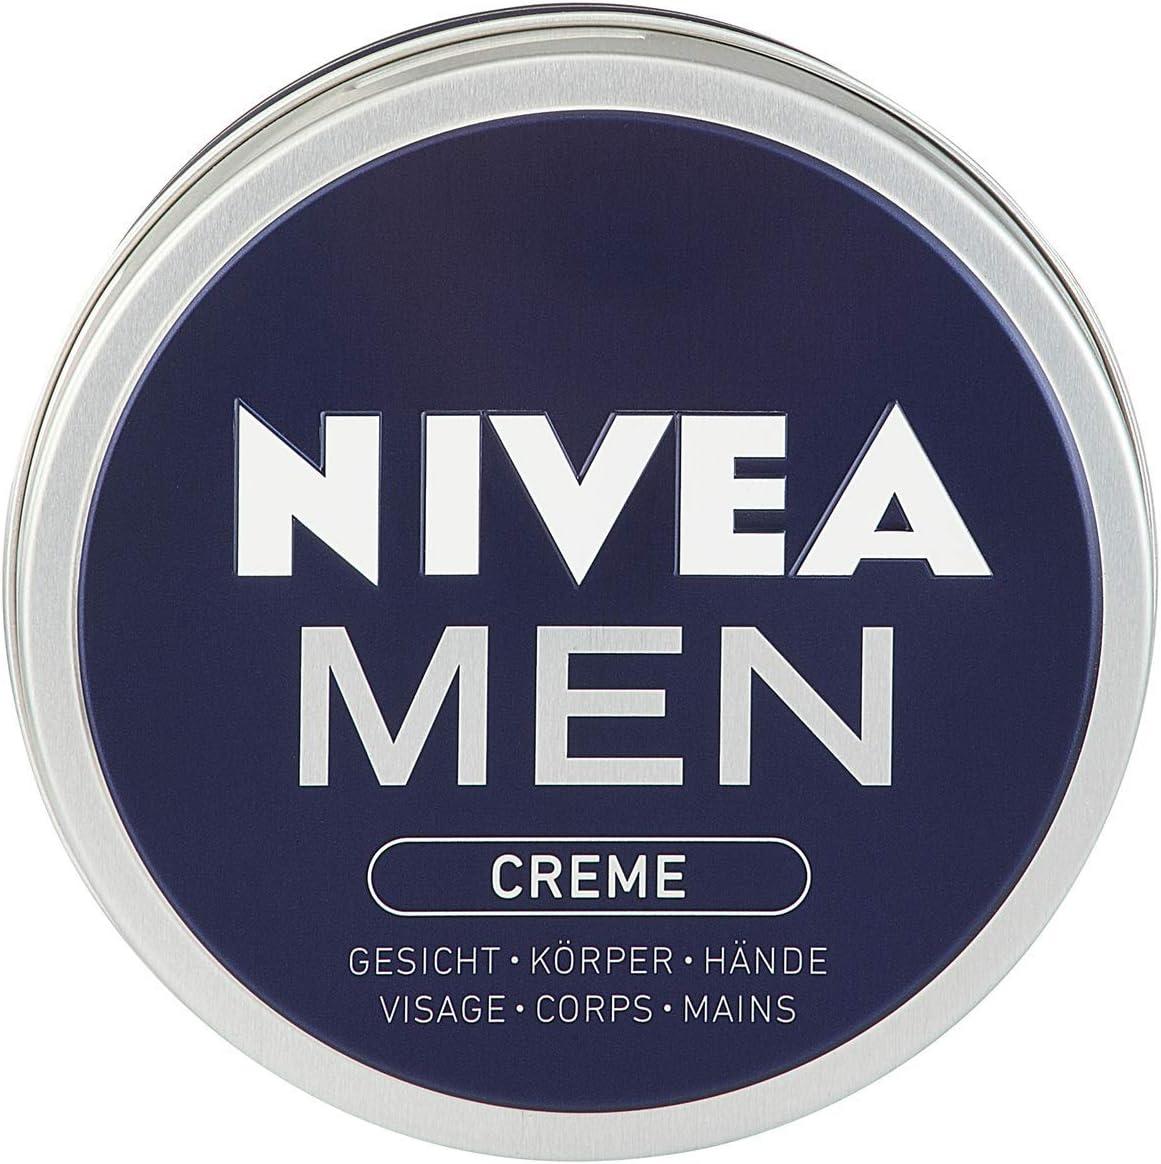 Nivea Men taza de crema de 150 ml - Version importada, Alemania